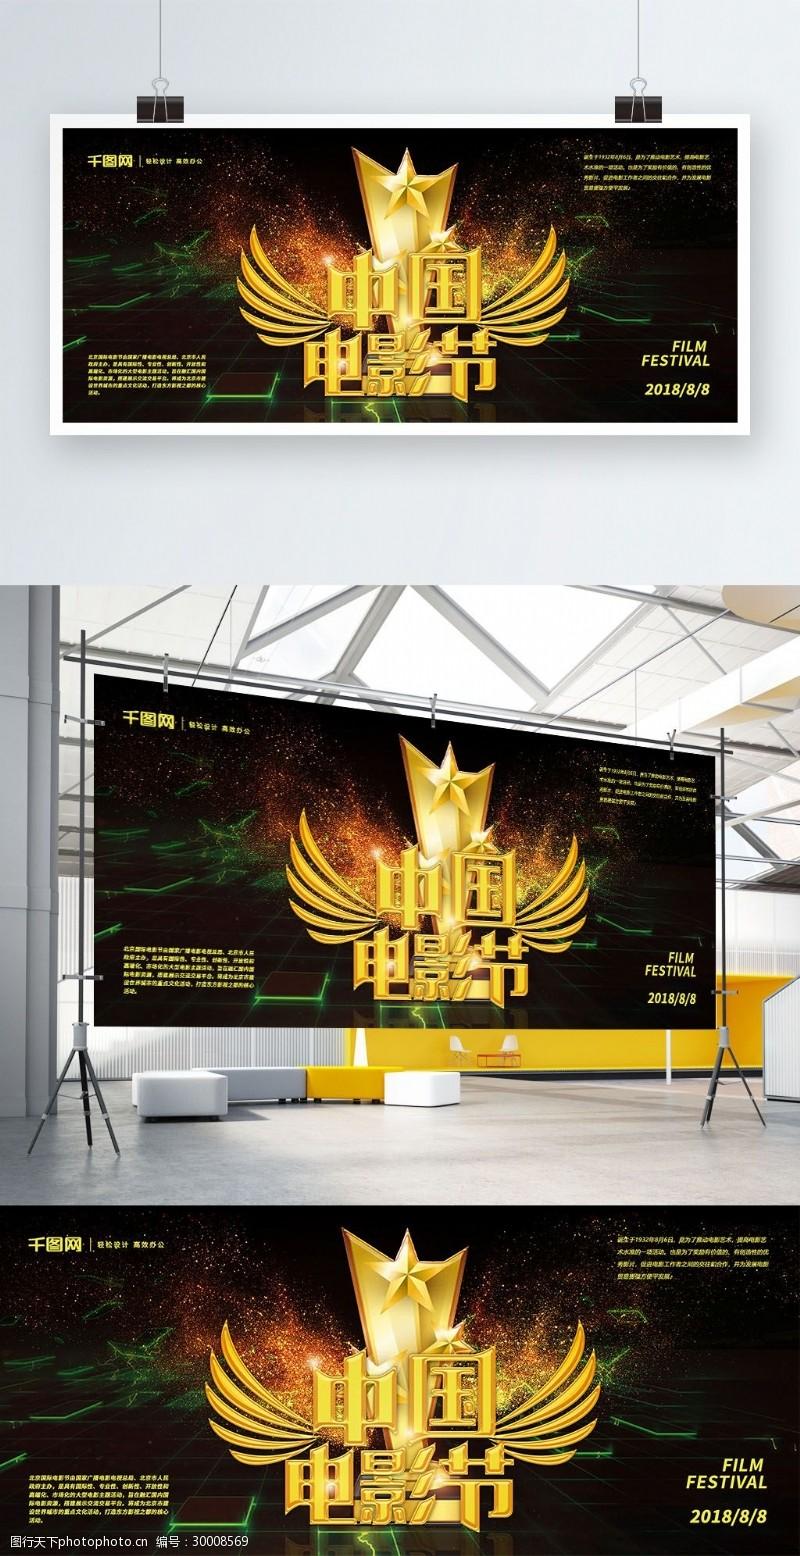 黑金风字体设计电影节展板